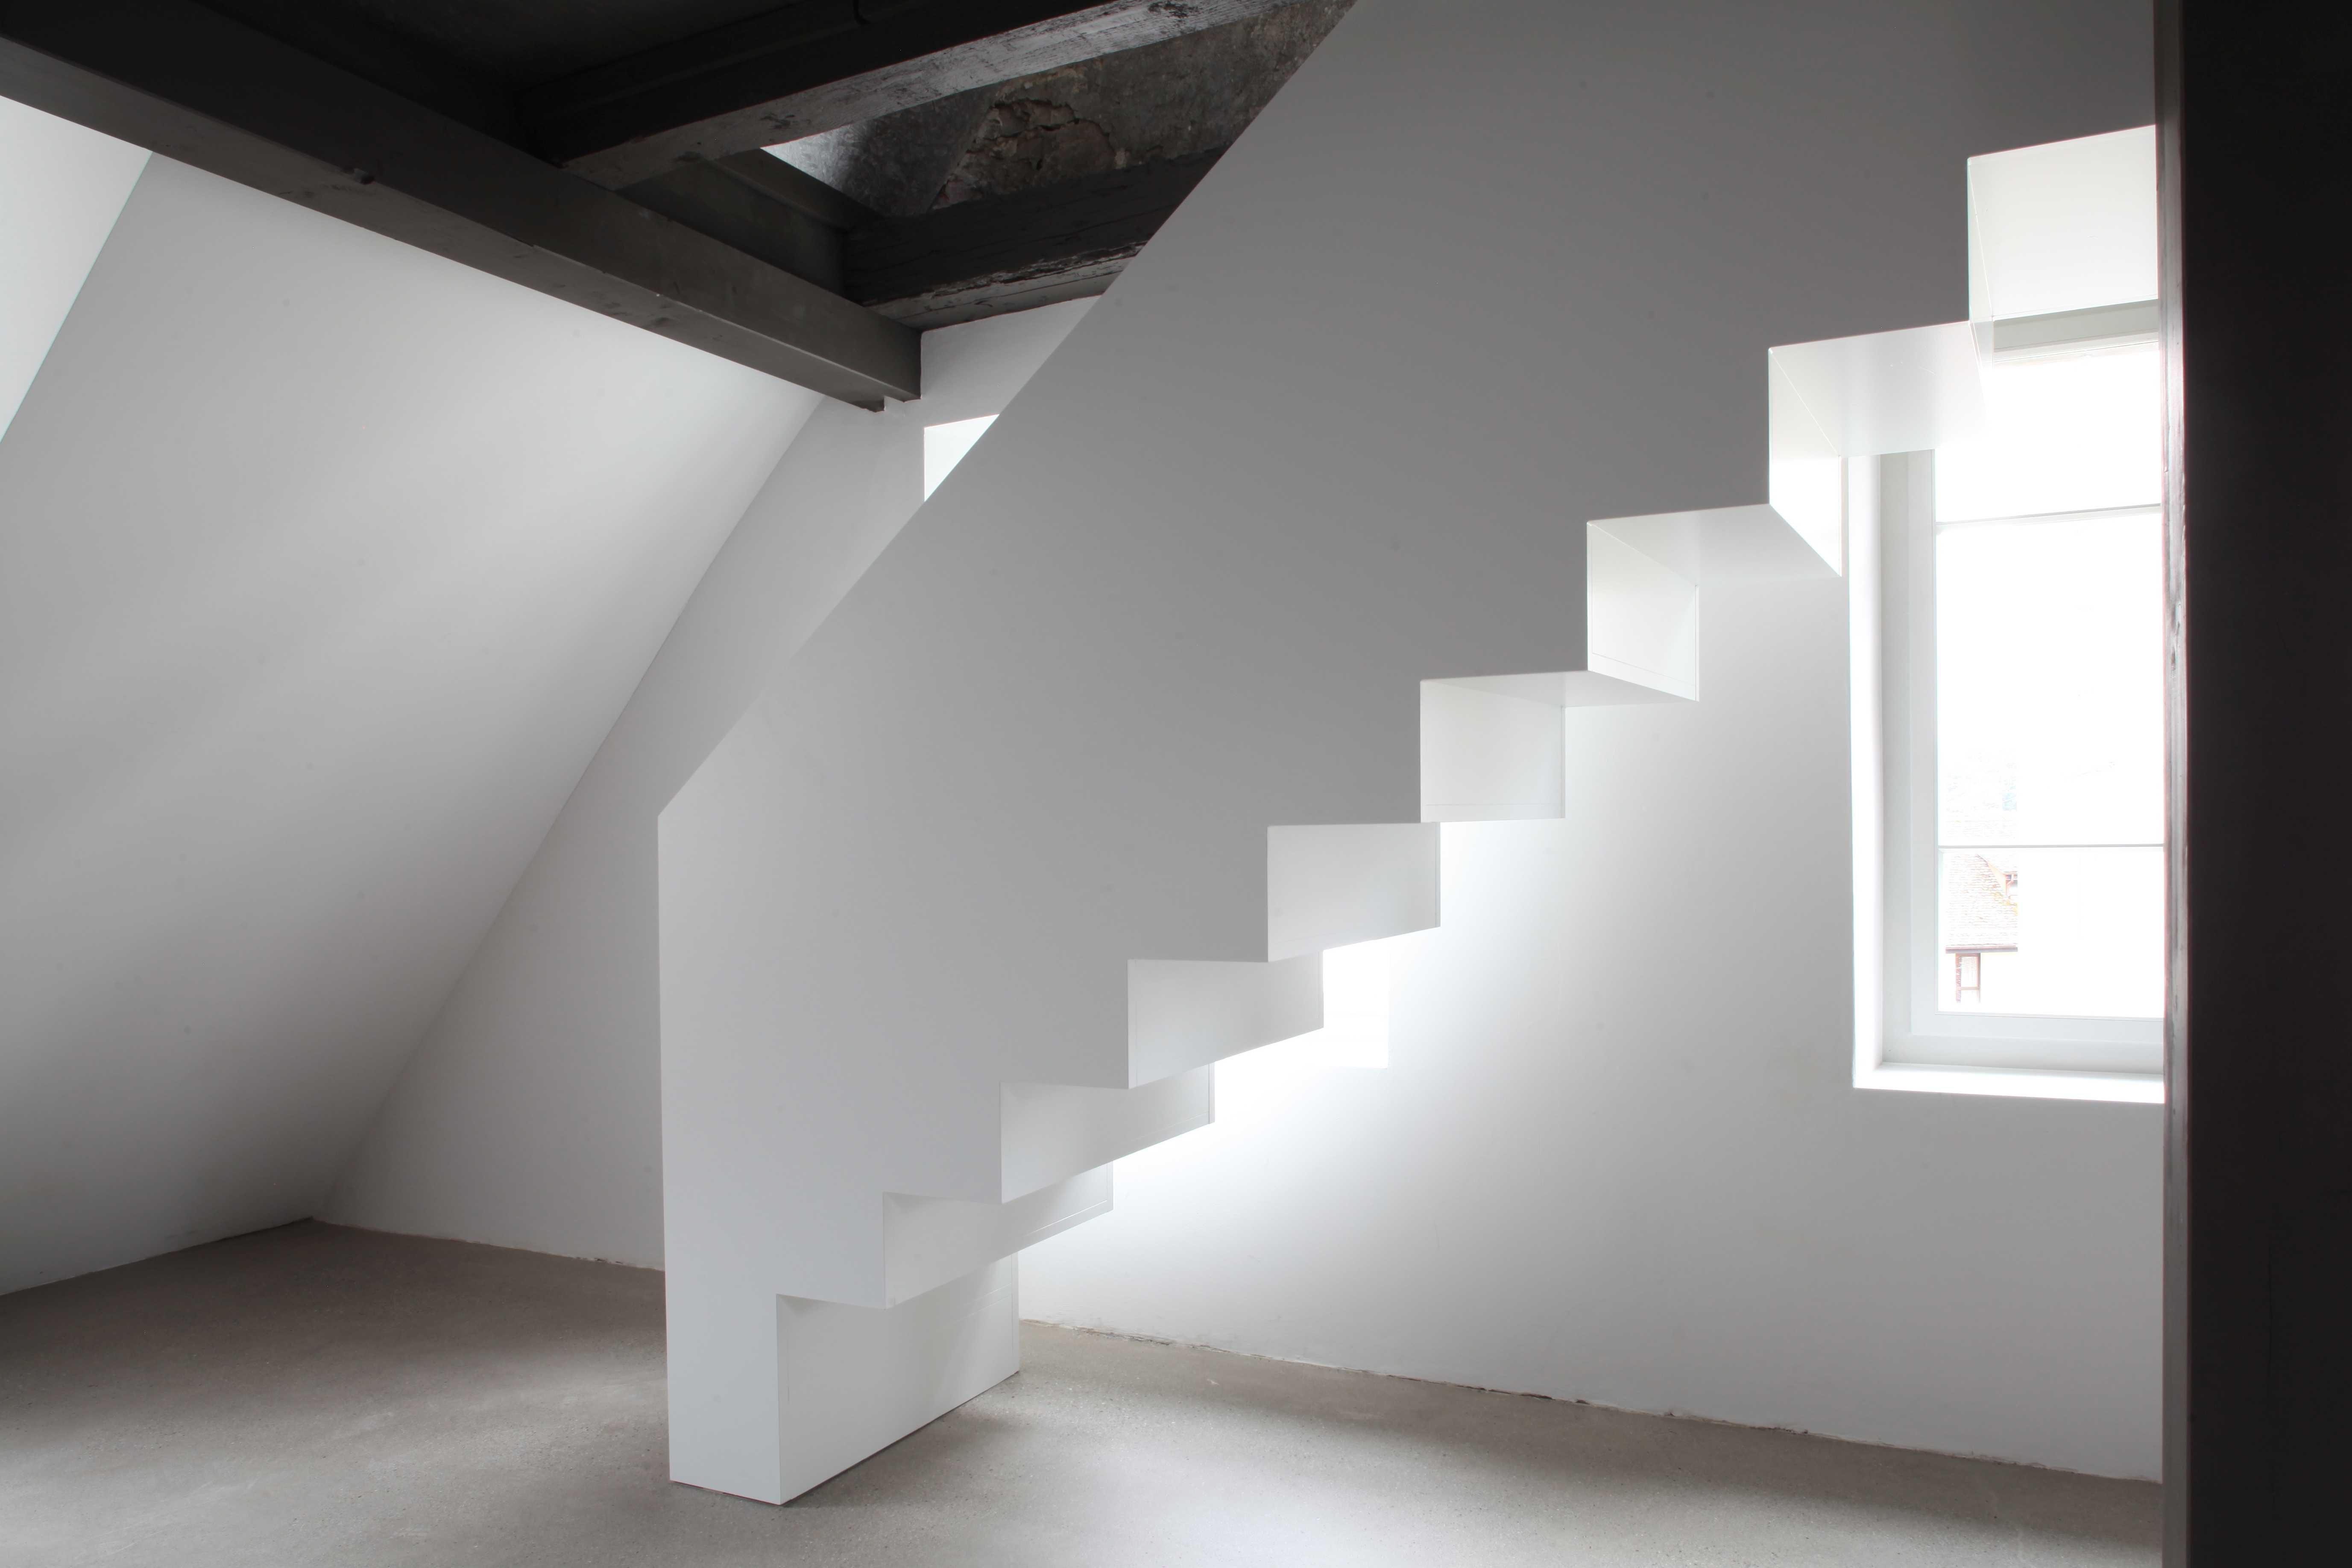 Chübelimoserhaus_014